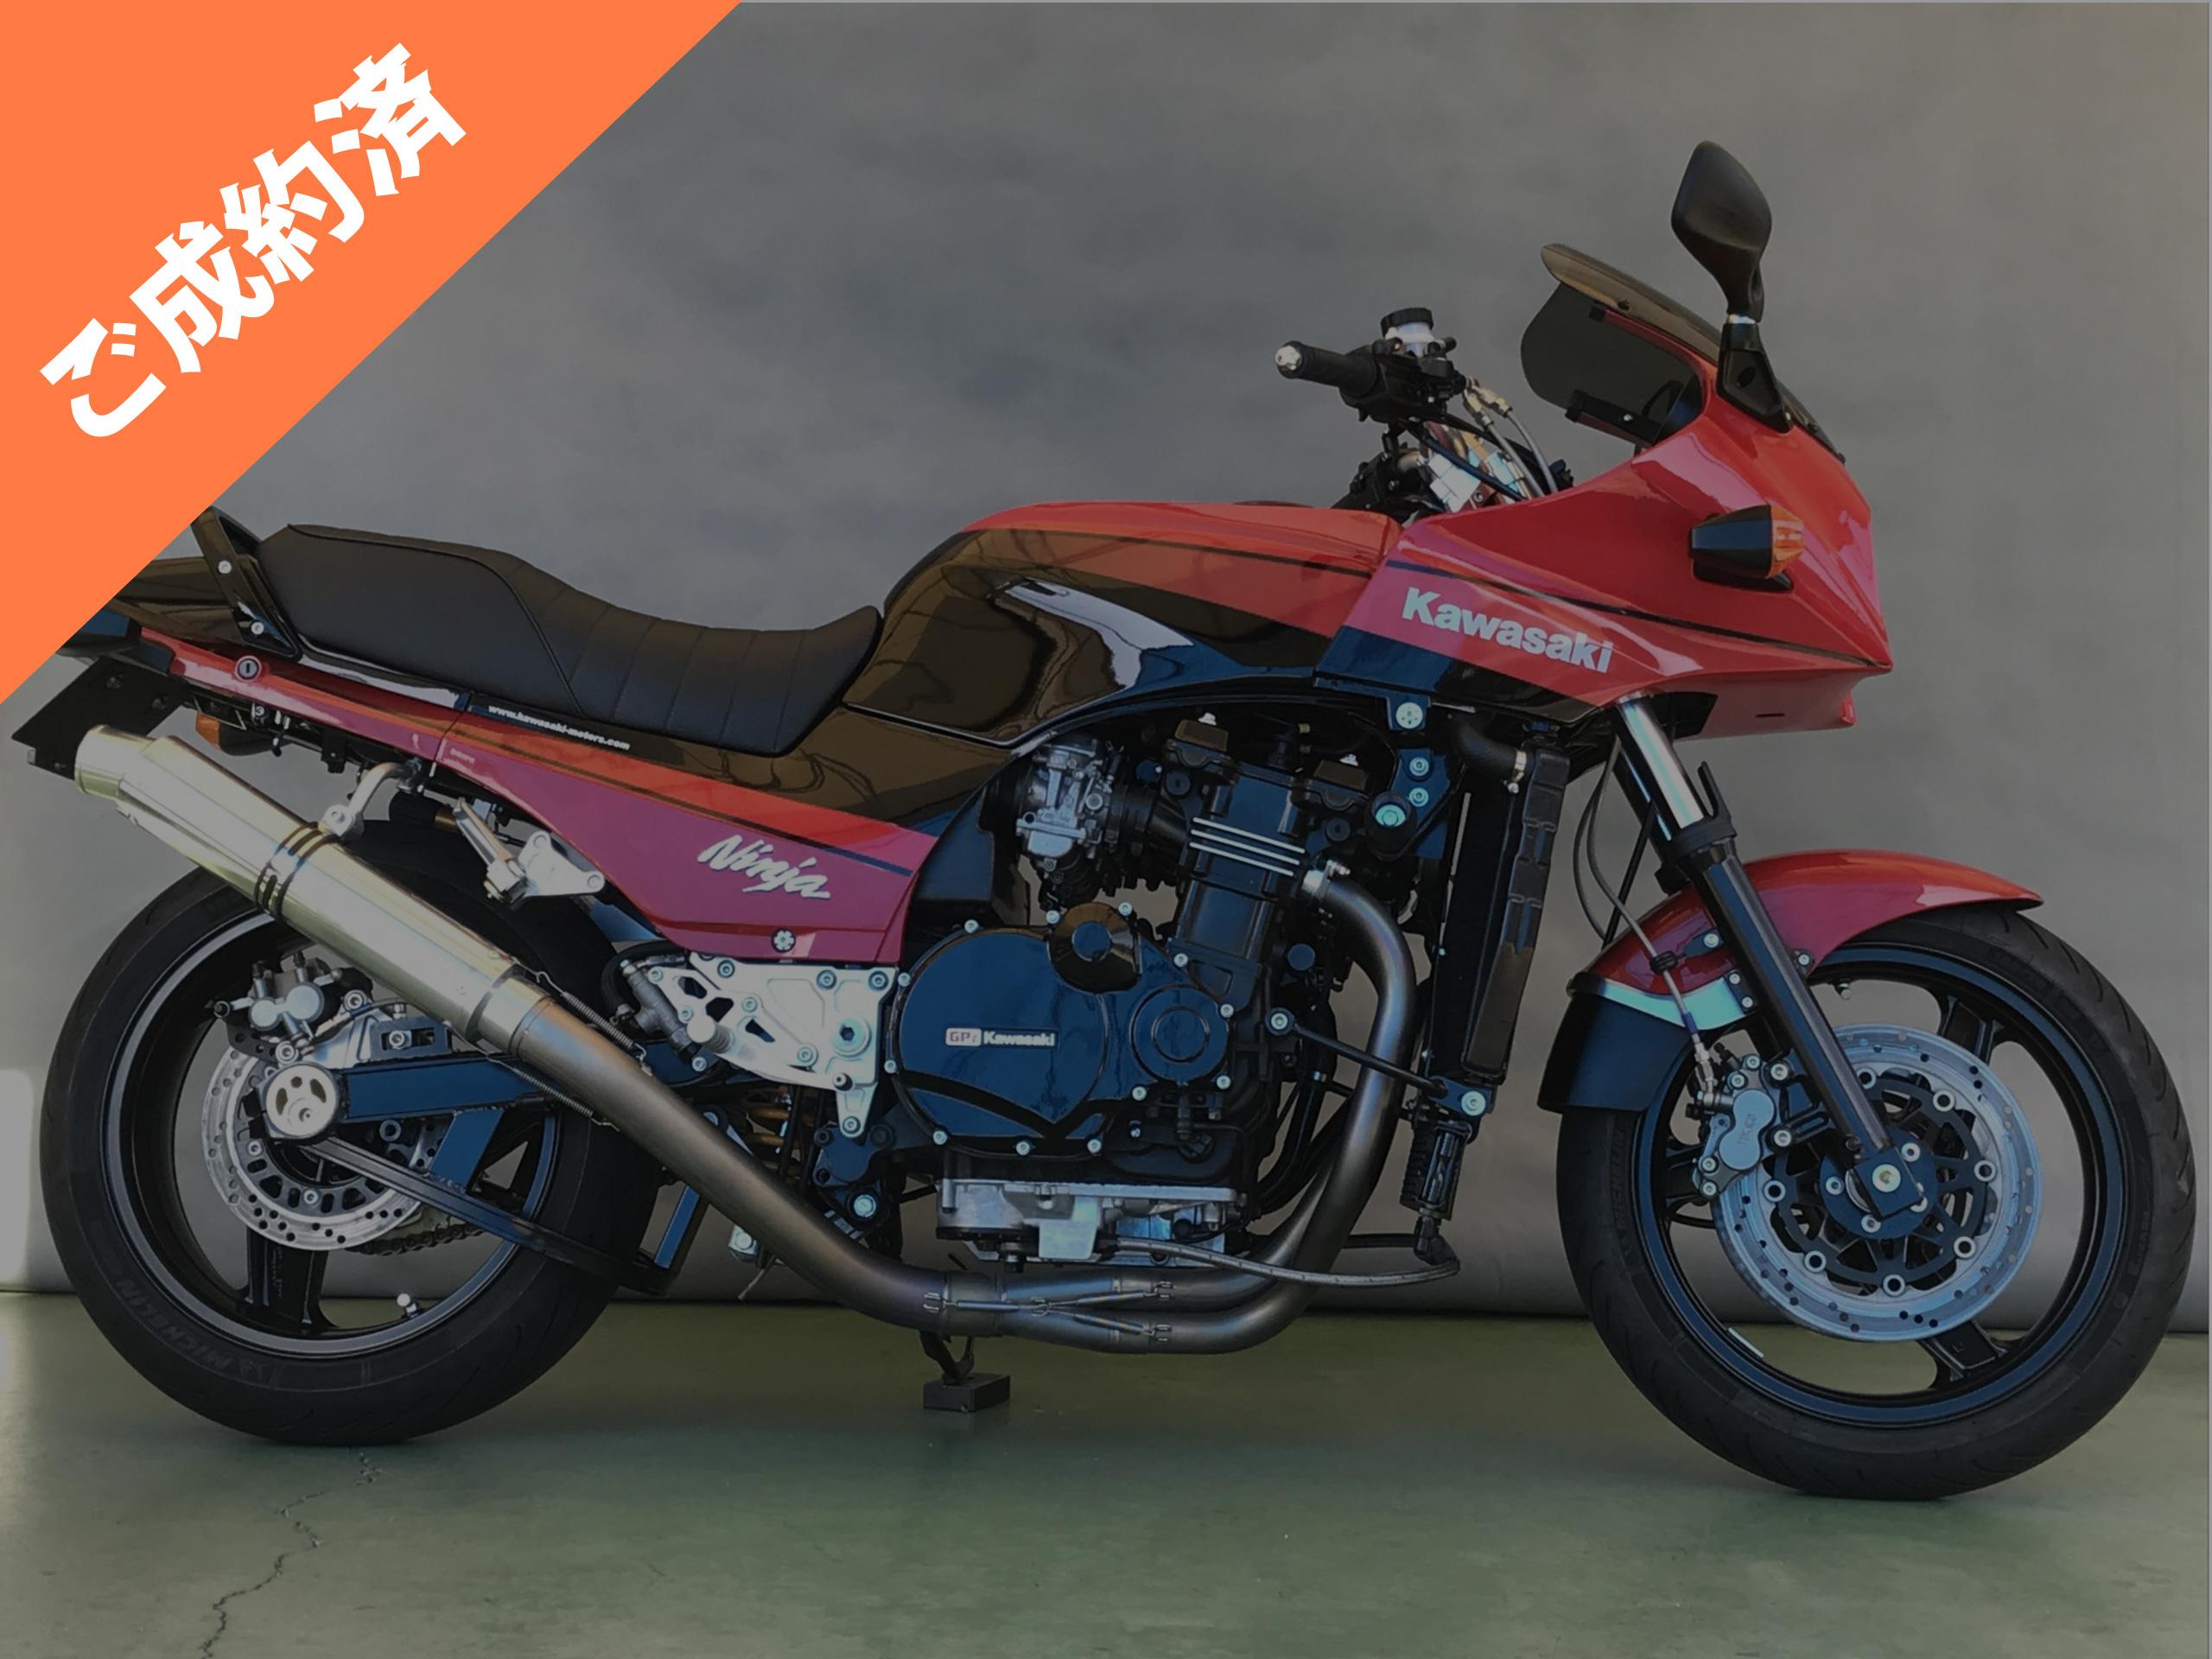 GPZ900R A9車両本体価格:110万円(税別)ご成約済み